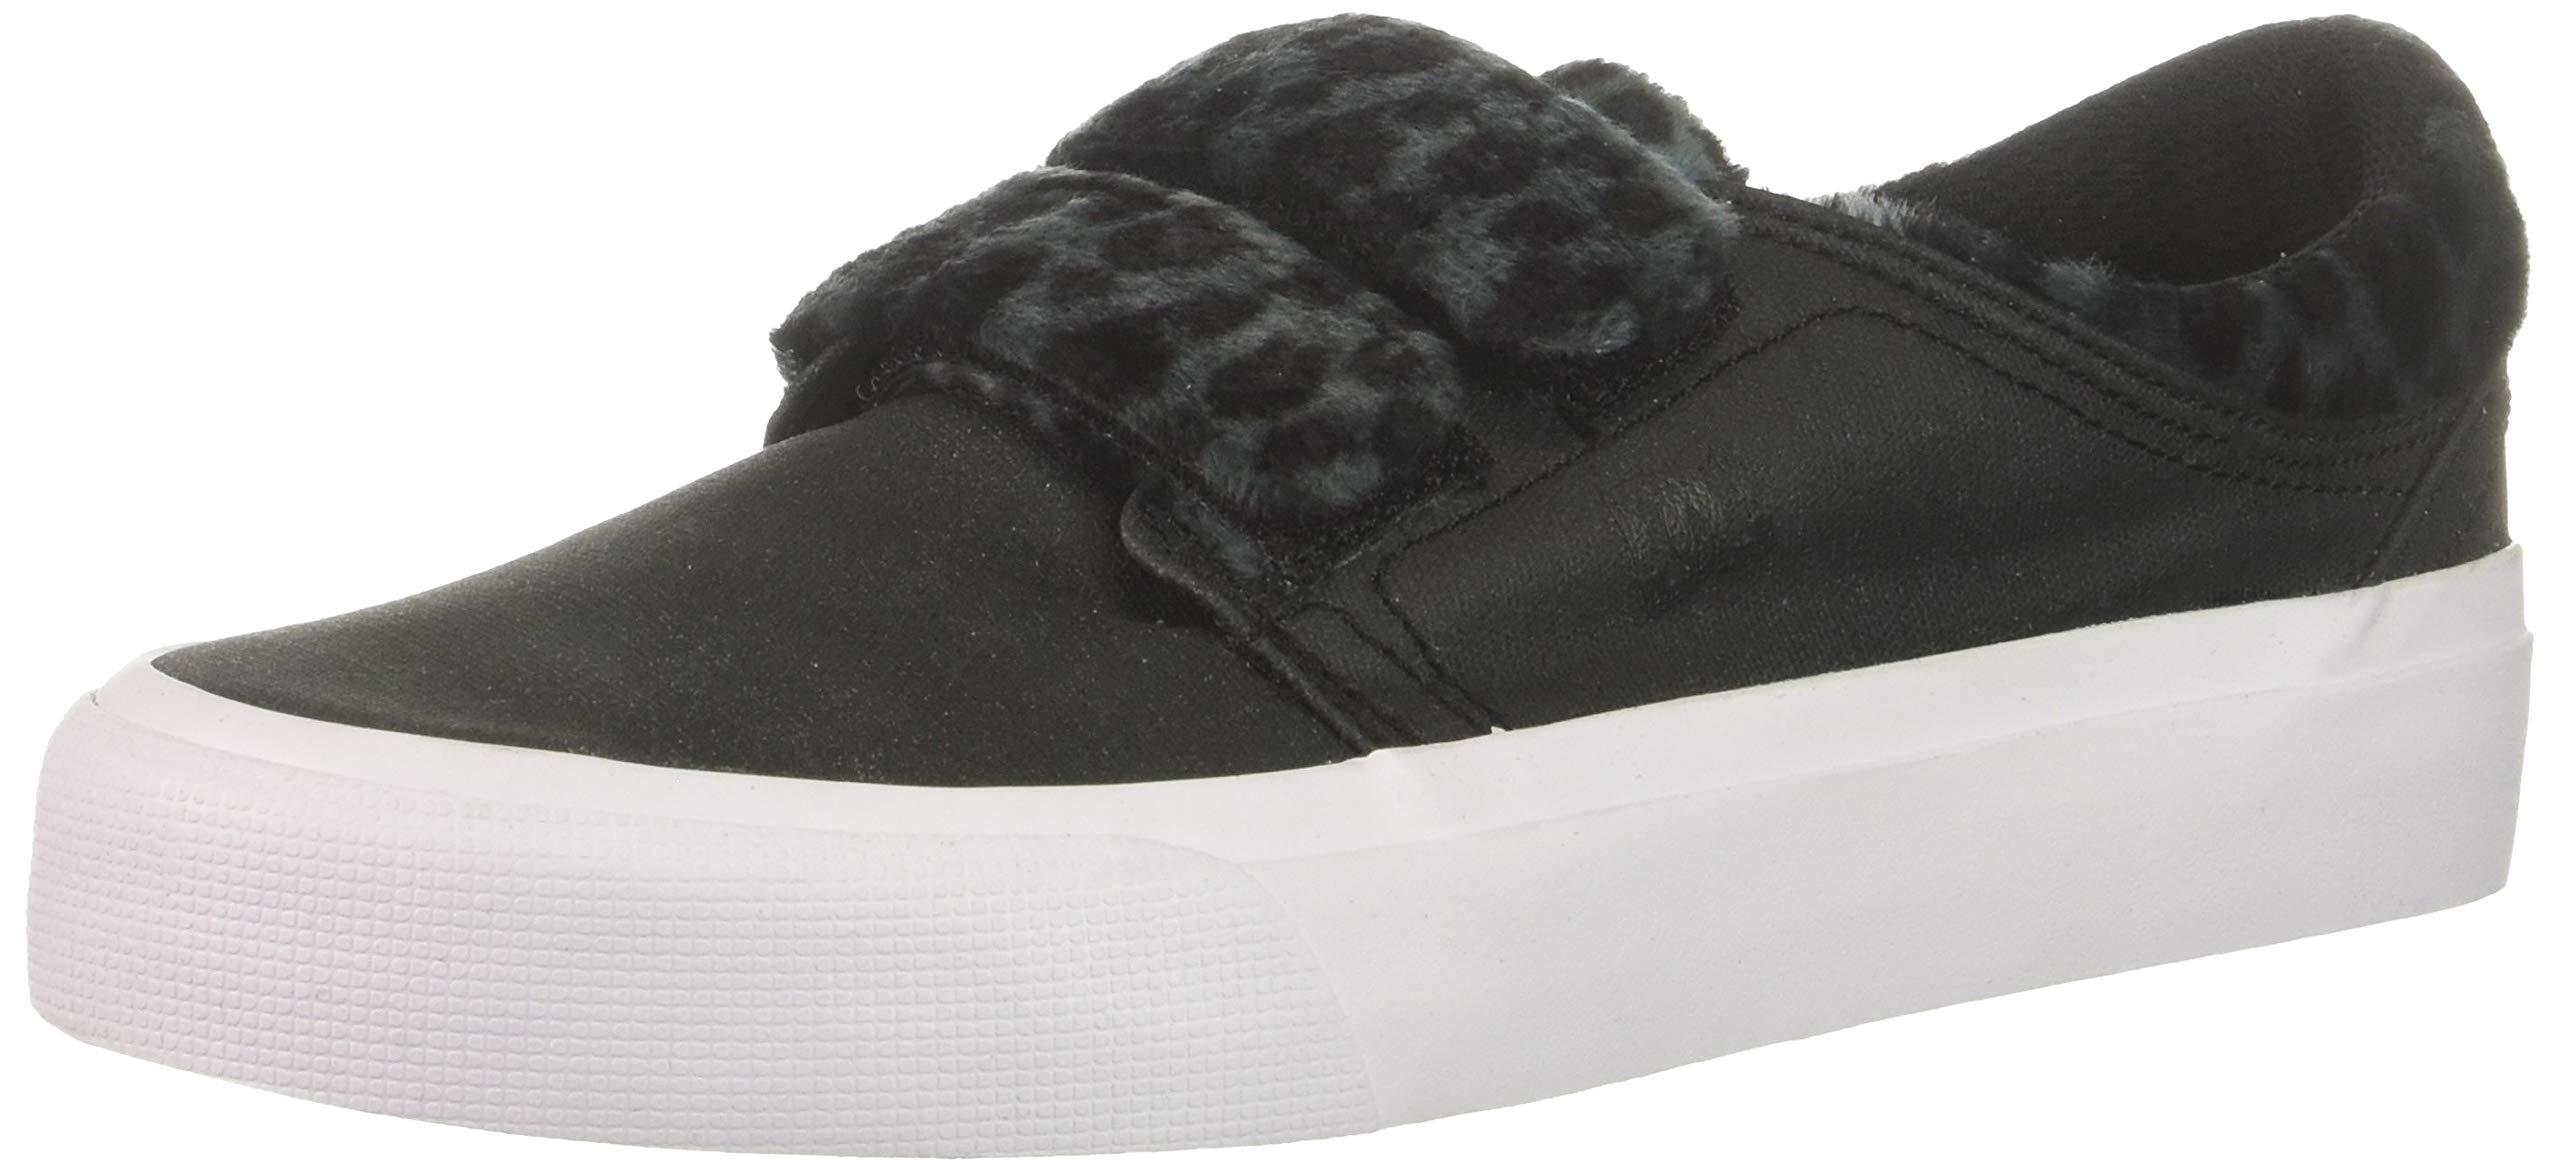 DC Women's Trase V TX SE Skate Shoe, Black/Leopard, 6 B M US by DC